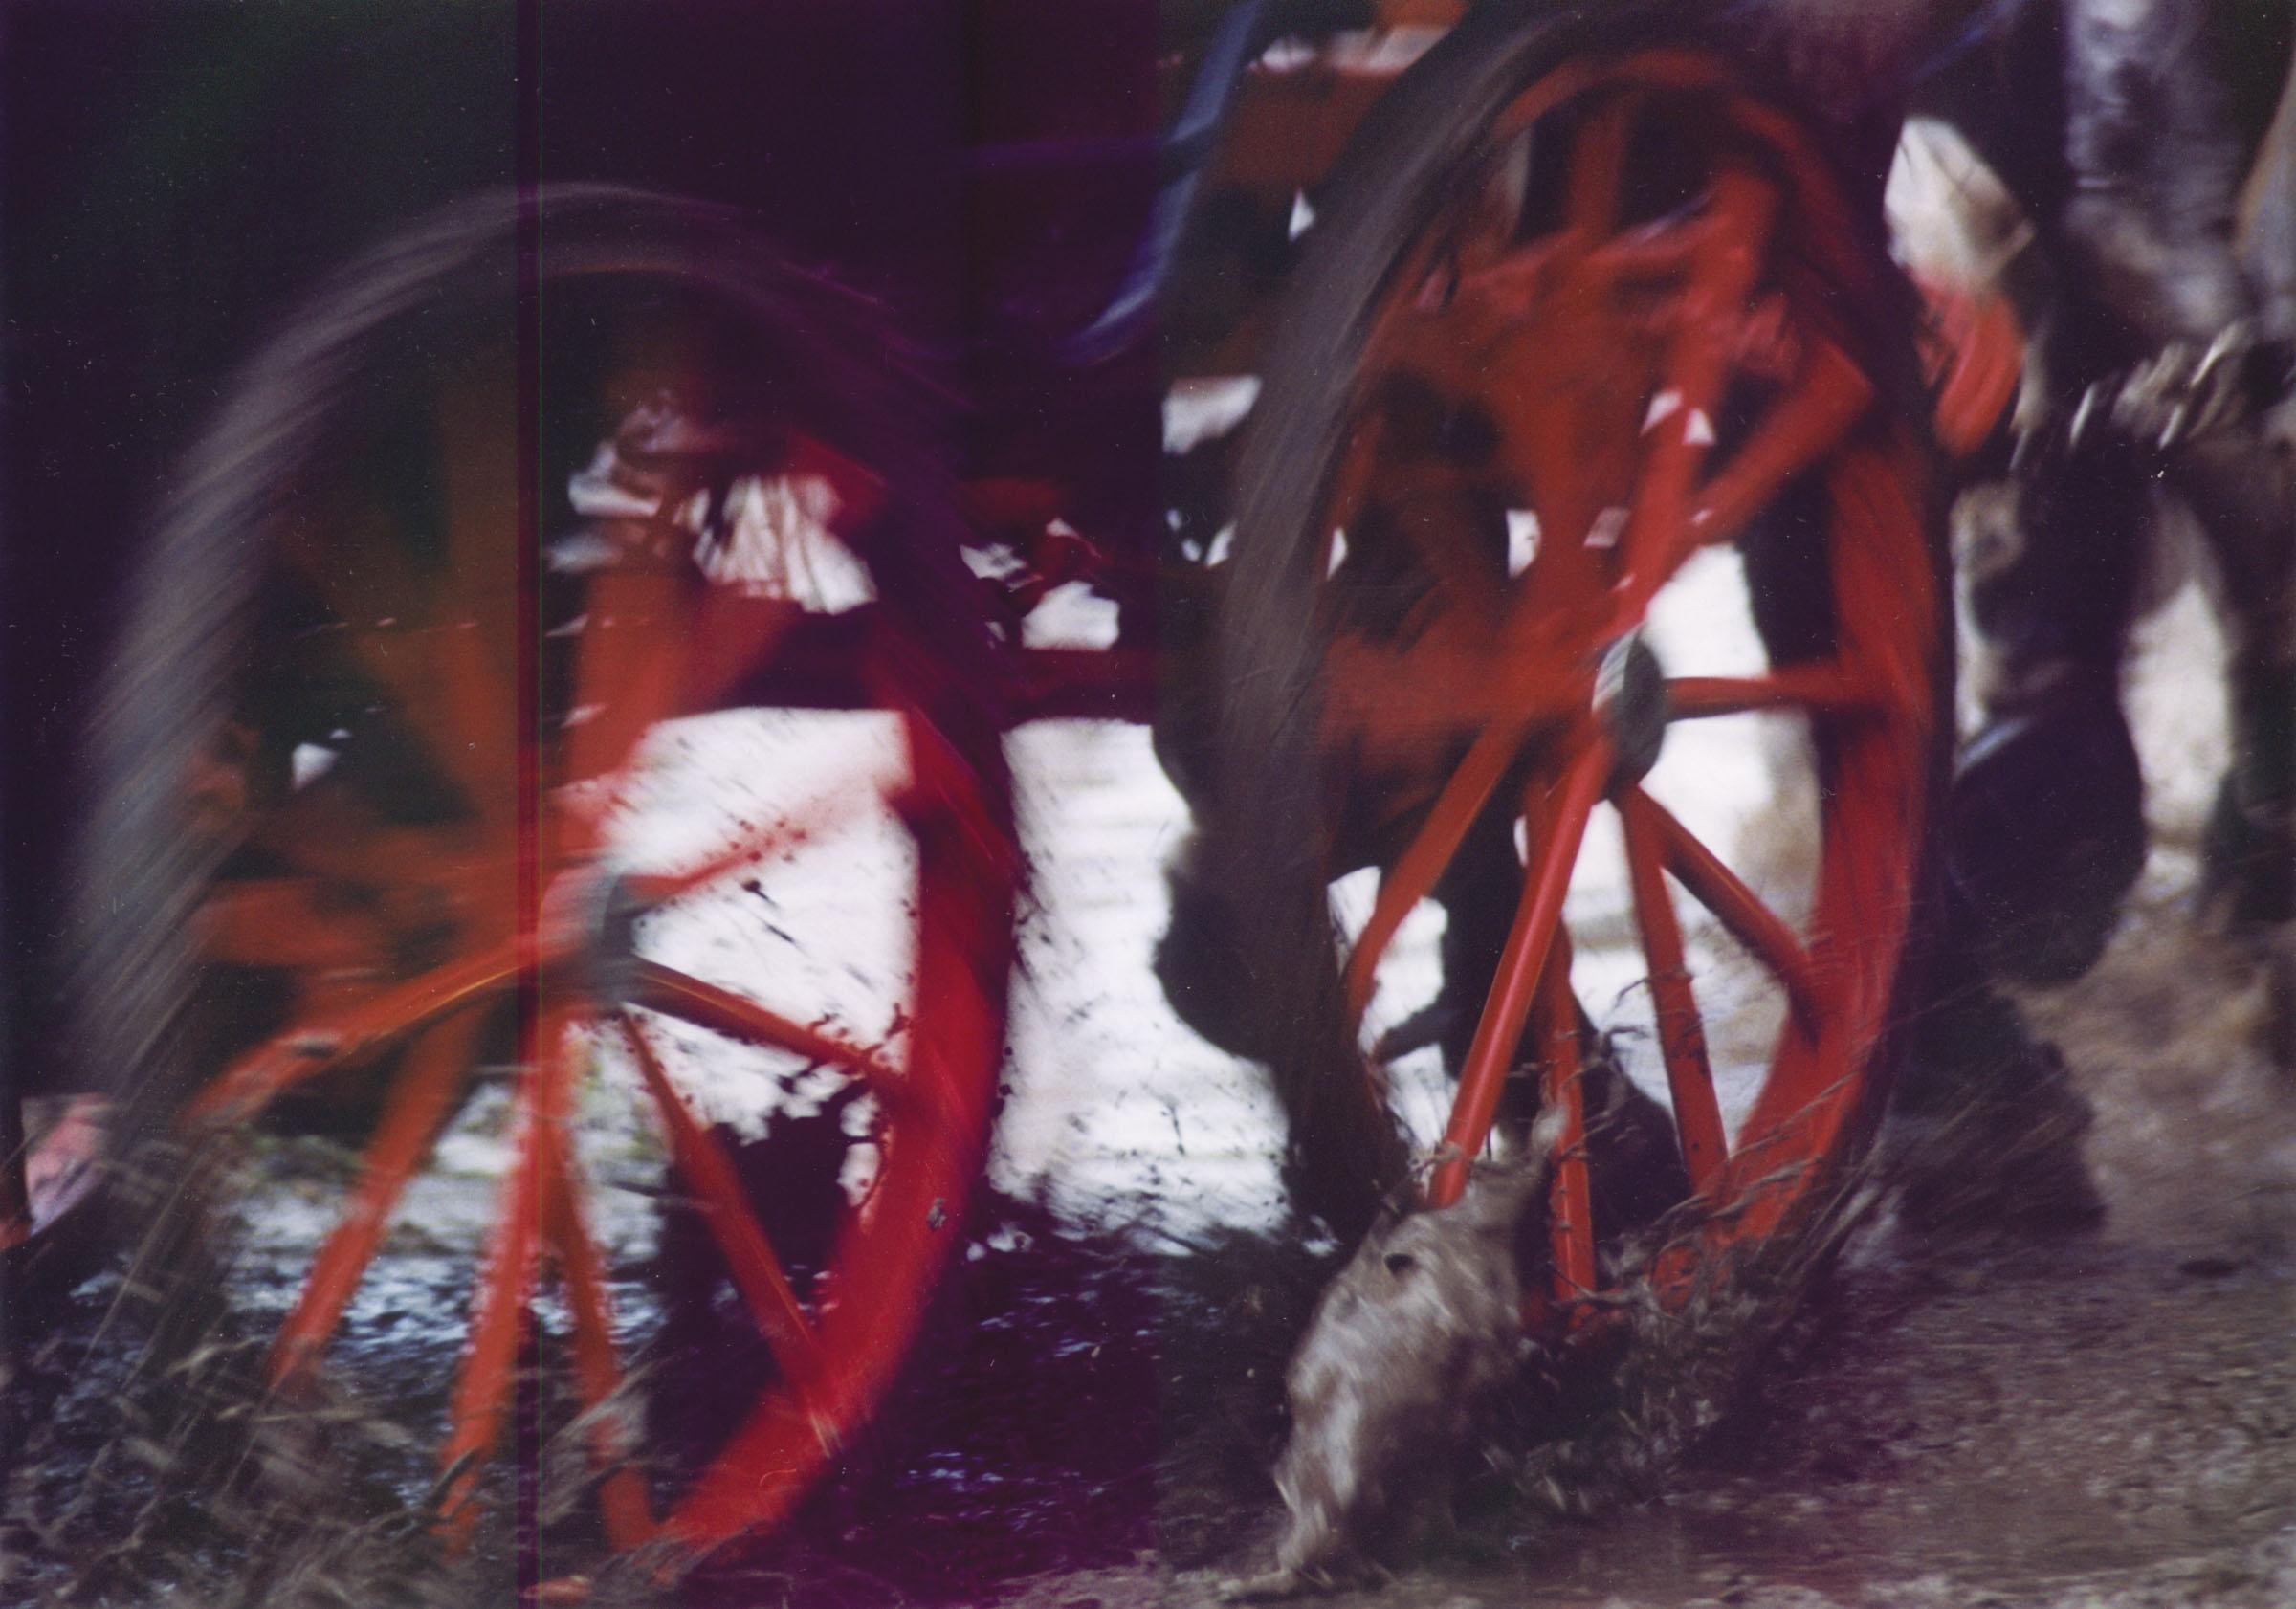 2004.09.18. Hétköznapok fotópályázat - Tóthné Timafalvi Gizella - Vágta.jpg